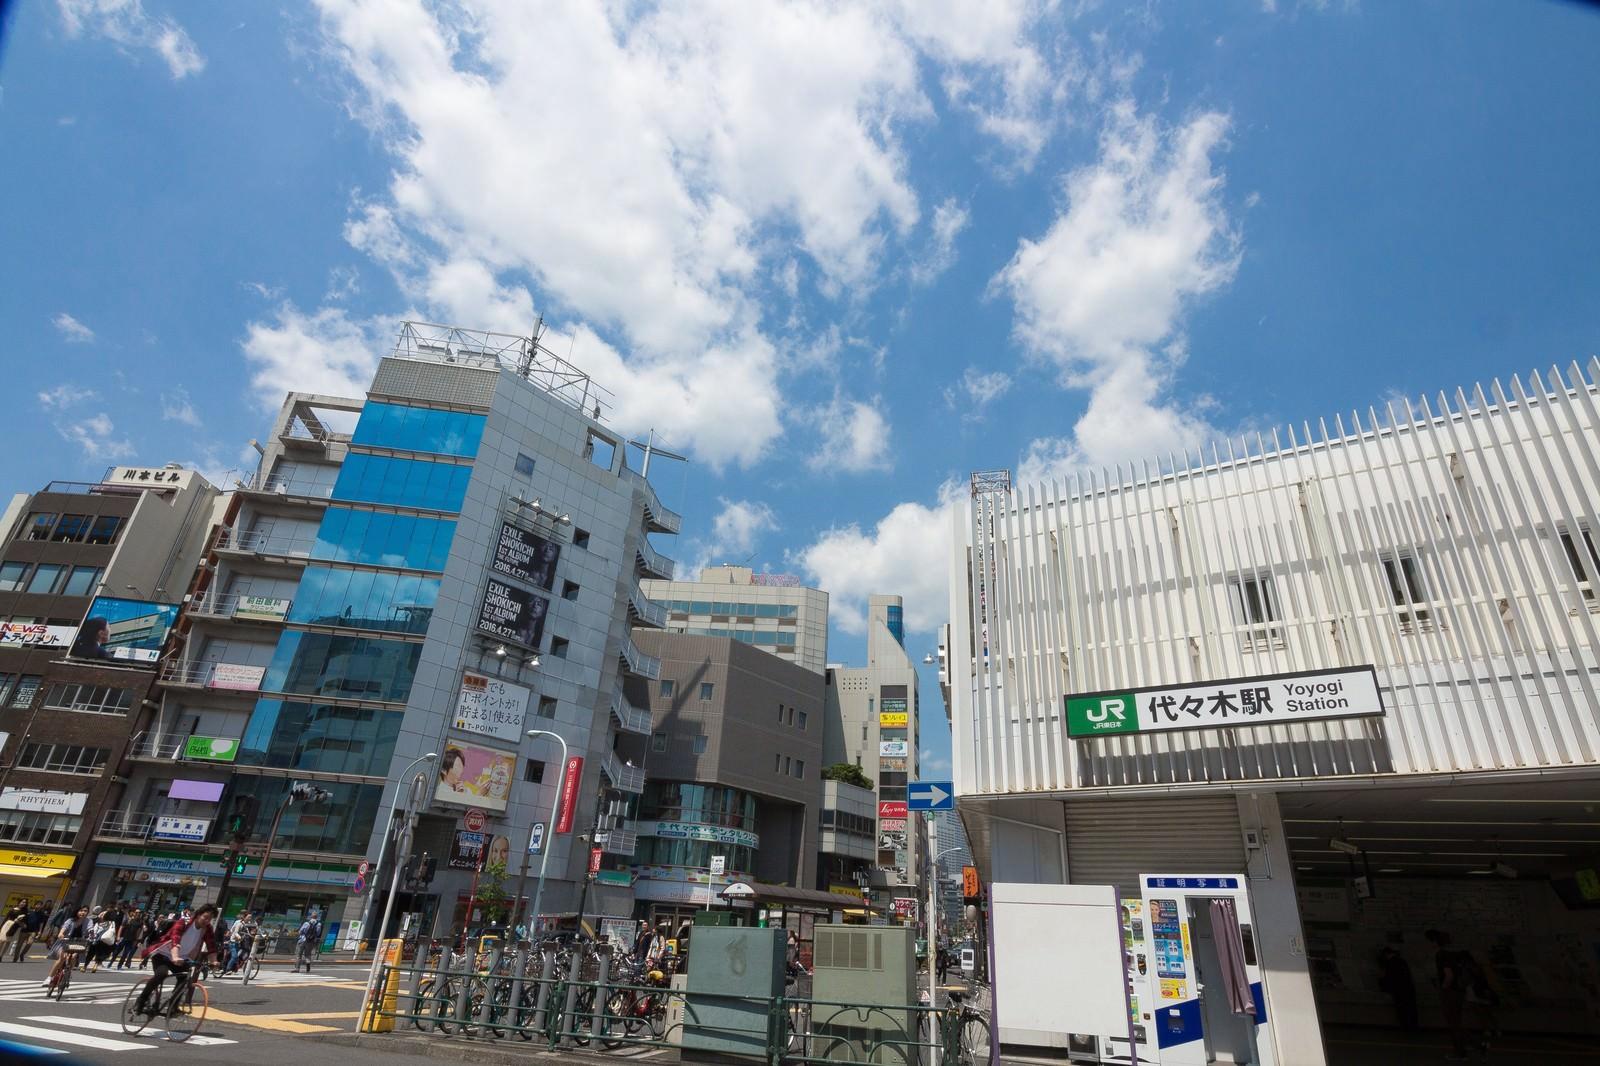 「JR山手線代々木駅前」の写真